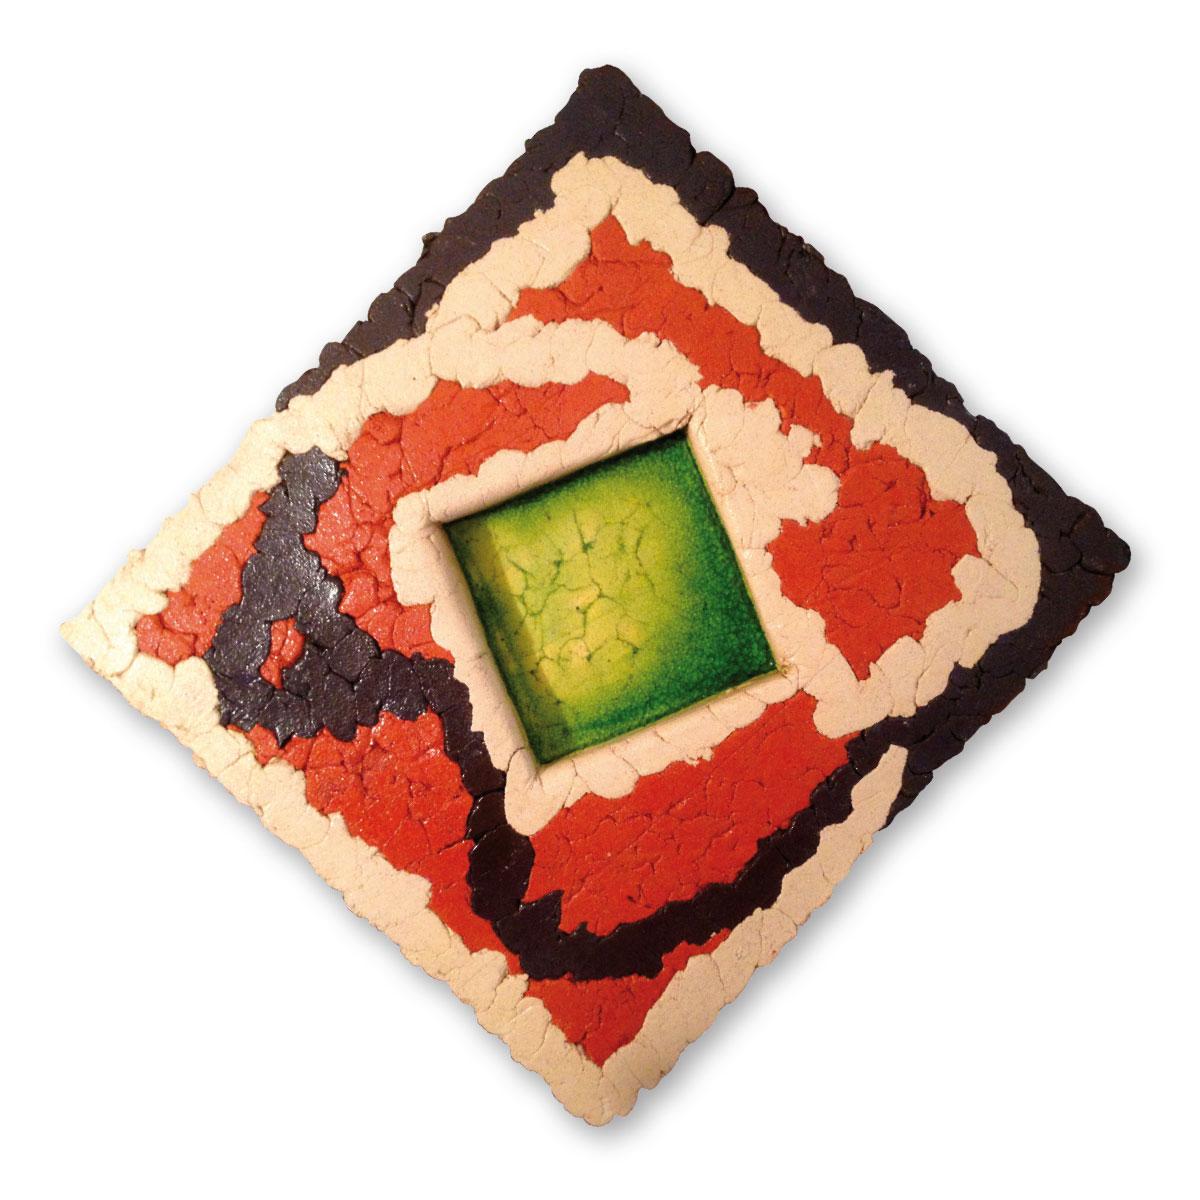 L'opera dell'artista Gianni Piccazzo acquisita dal Museo a cielo aperto di Denice, dedicato alla ceramica contemporanea